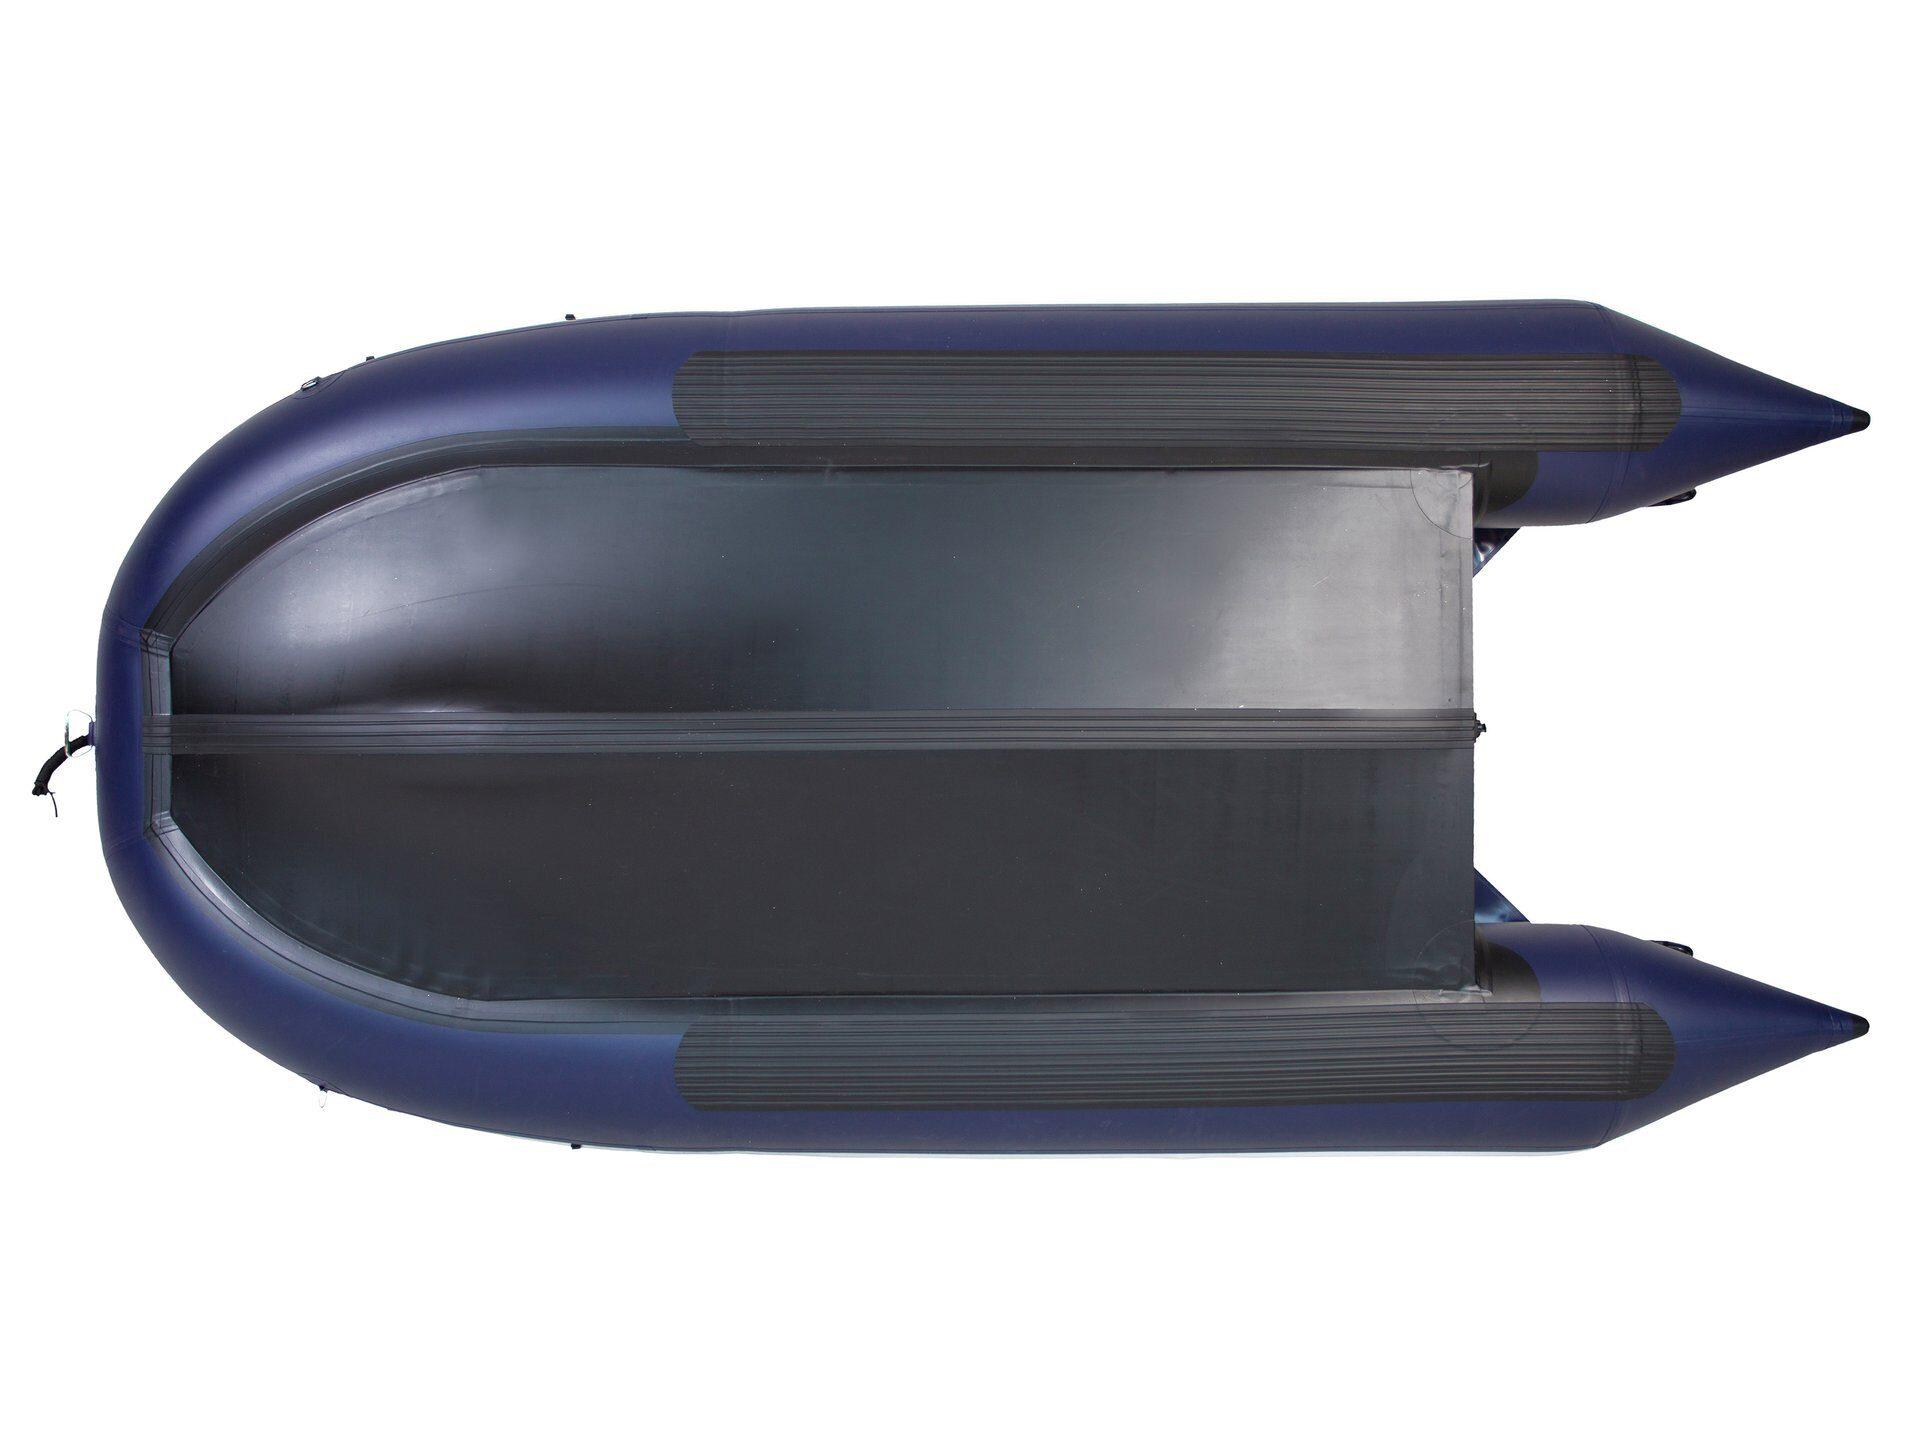 Моторная лодка ПВХ GLADIATOR D 400 AL FB с фальшбортом